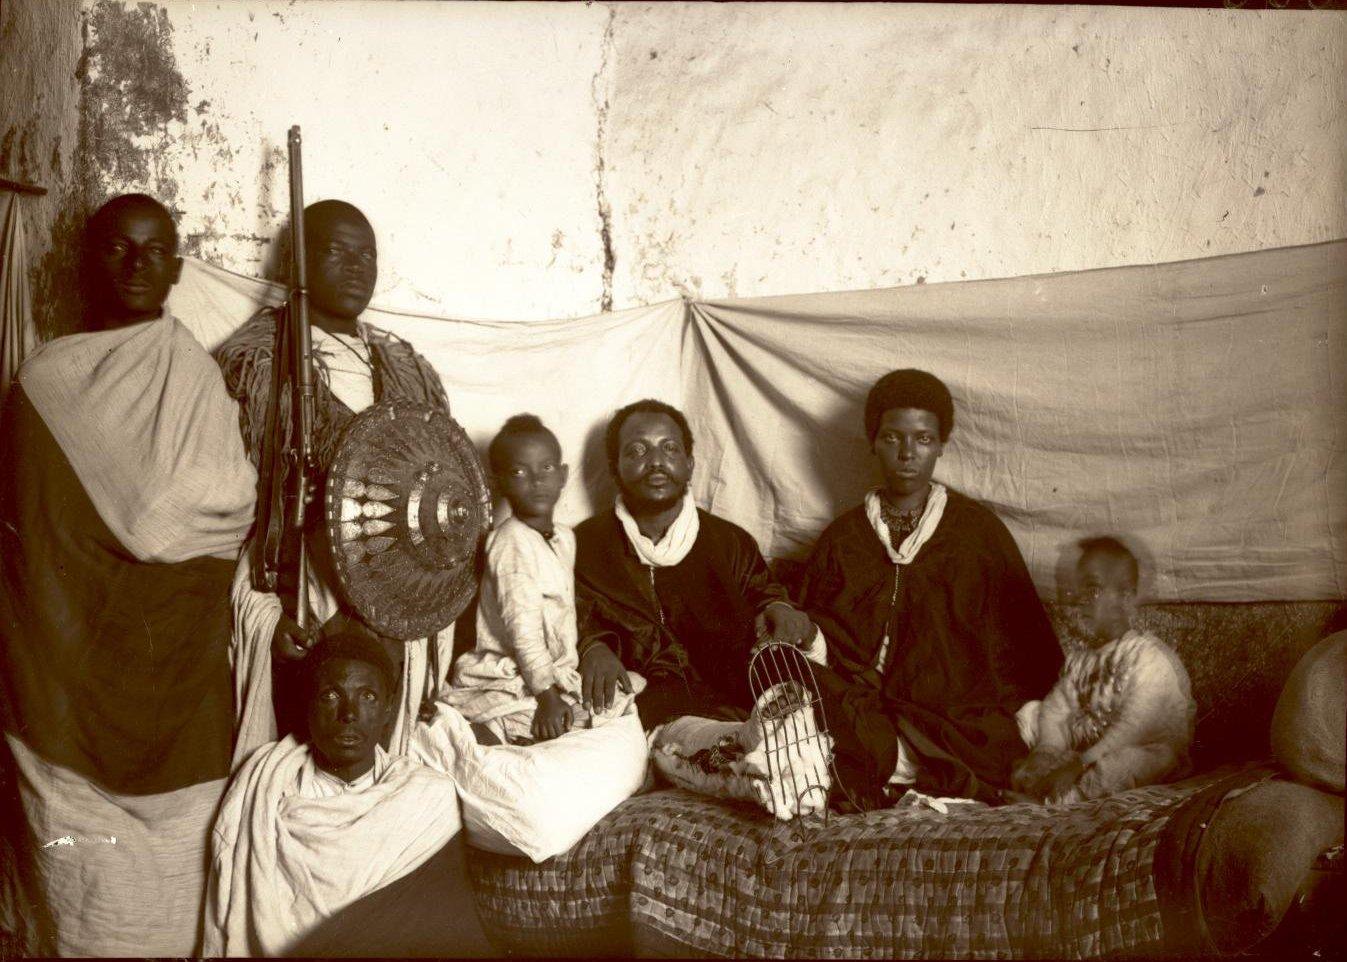 385. 1899. Абиссиния, Аддис-Абеба. Больной брат фитаурари (полковника) Ульде Георгиса с семьей